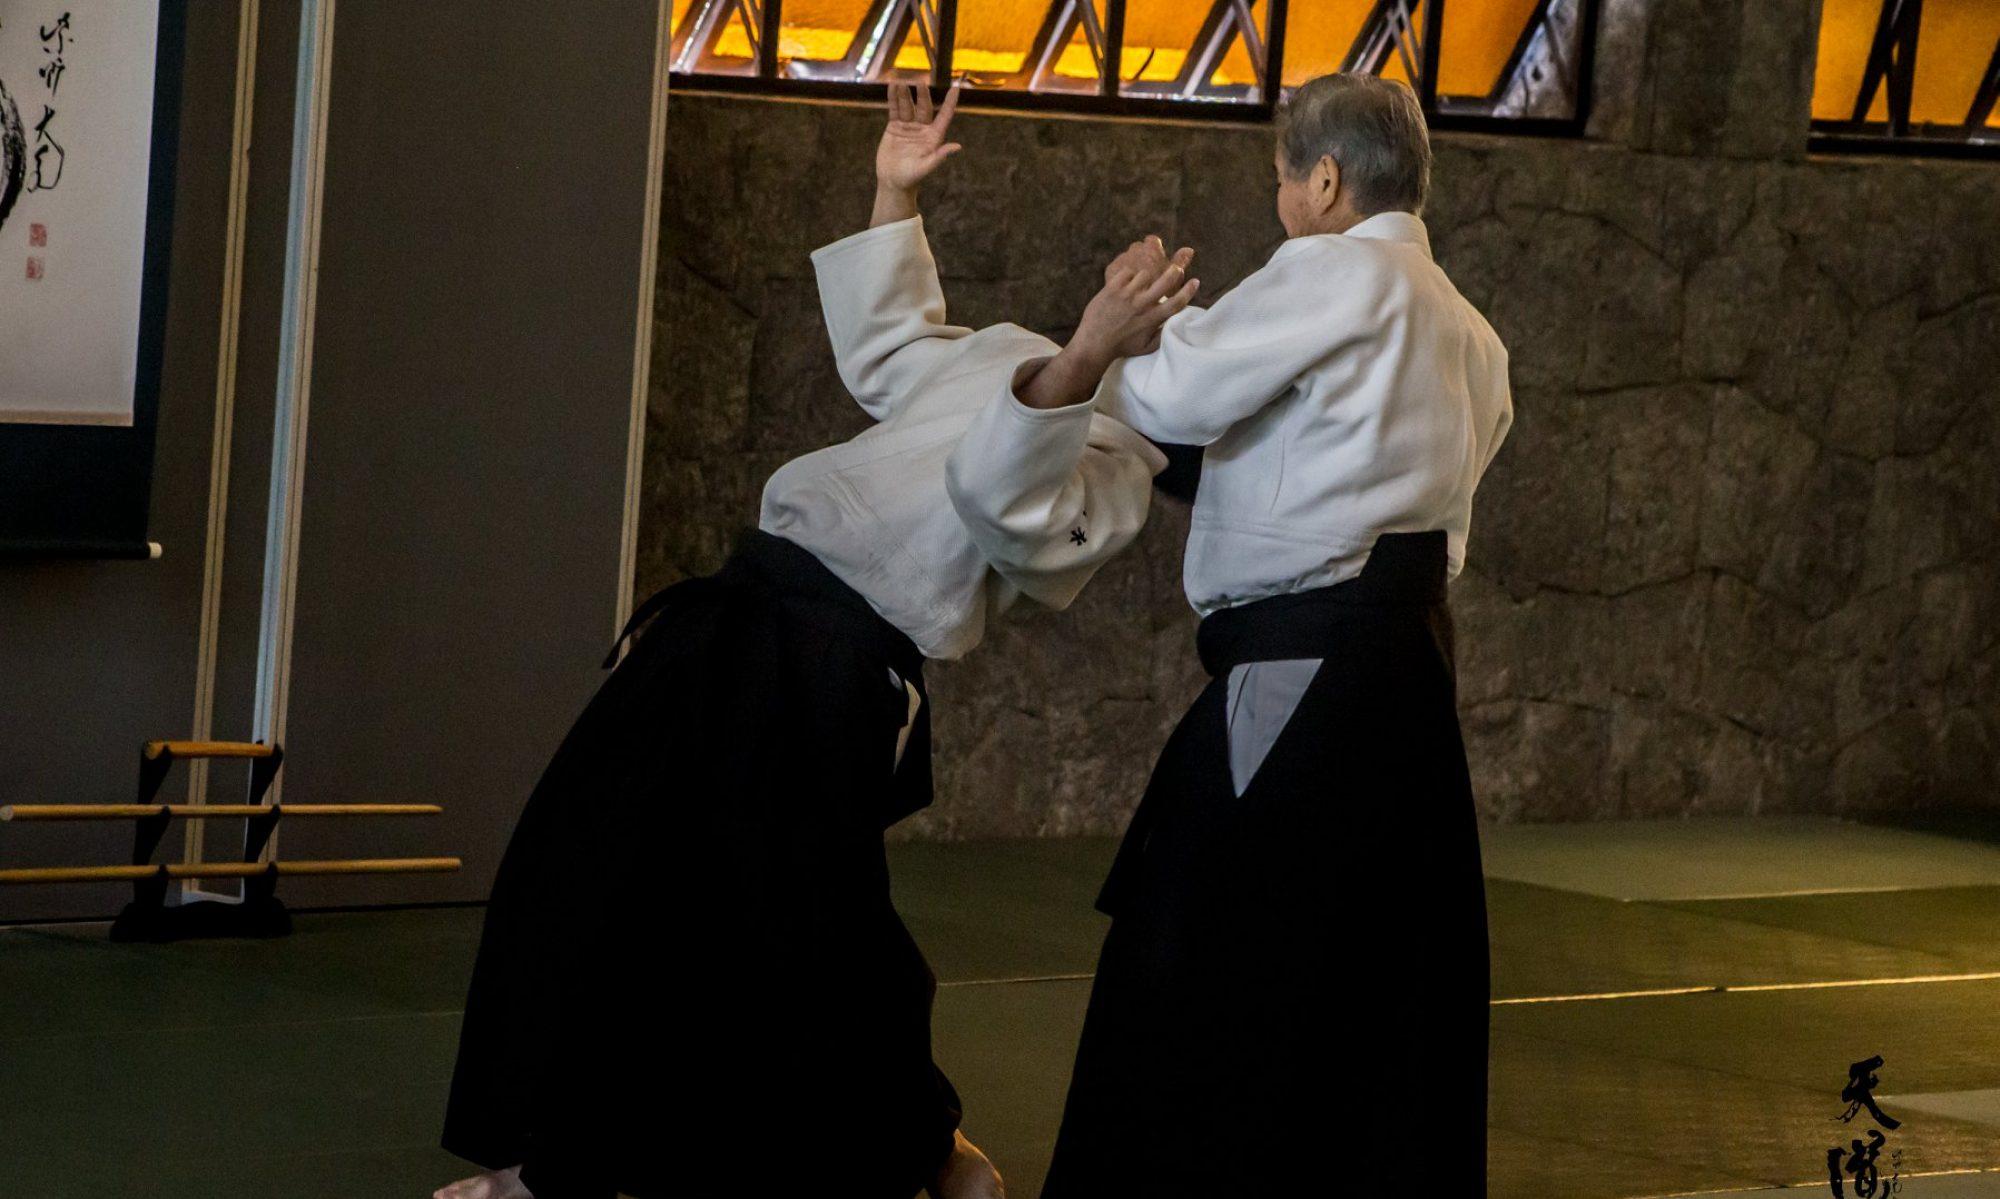 Tendoryu Aikido Mexico